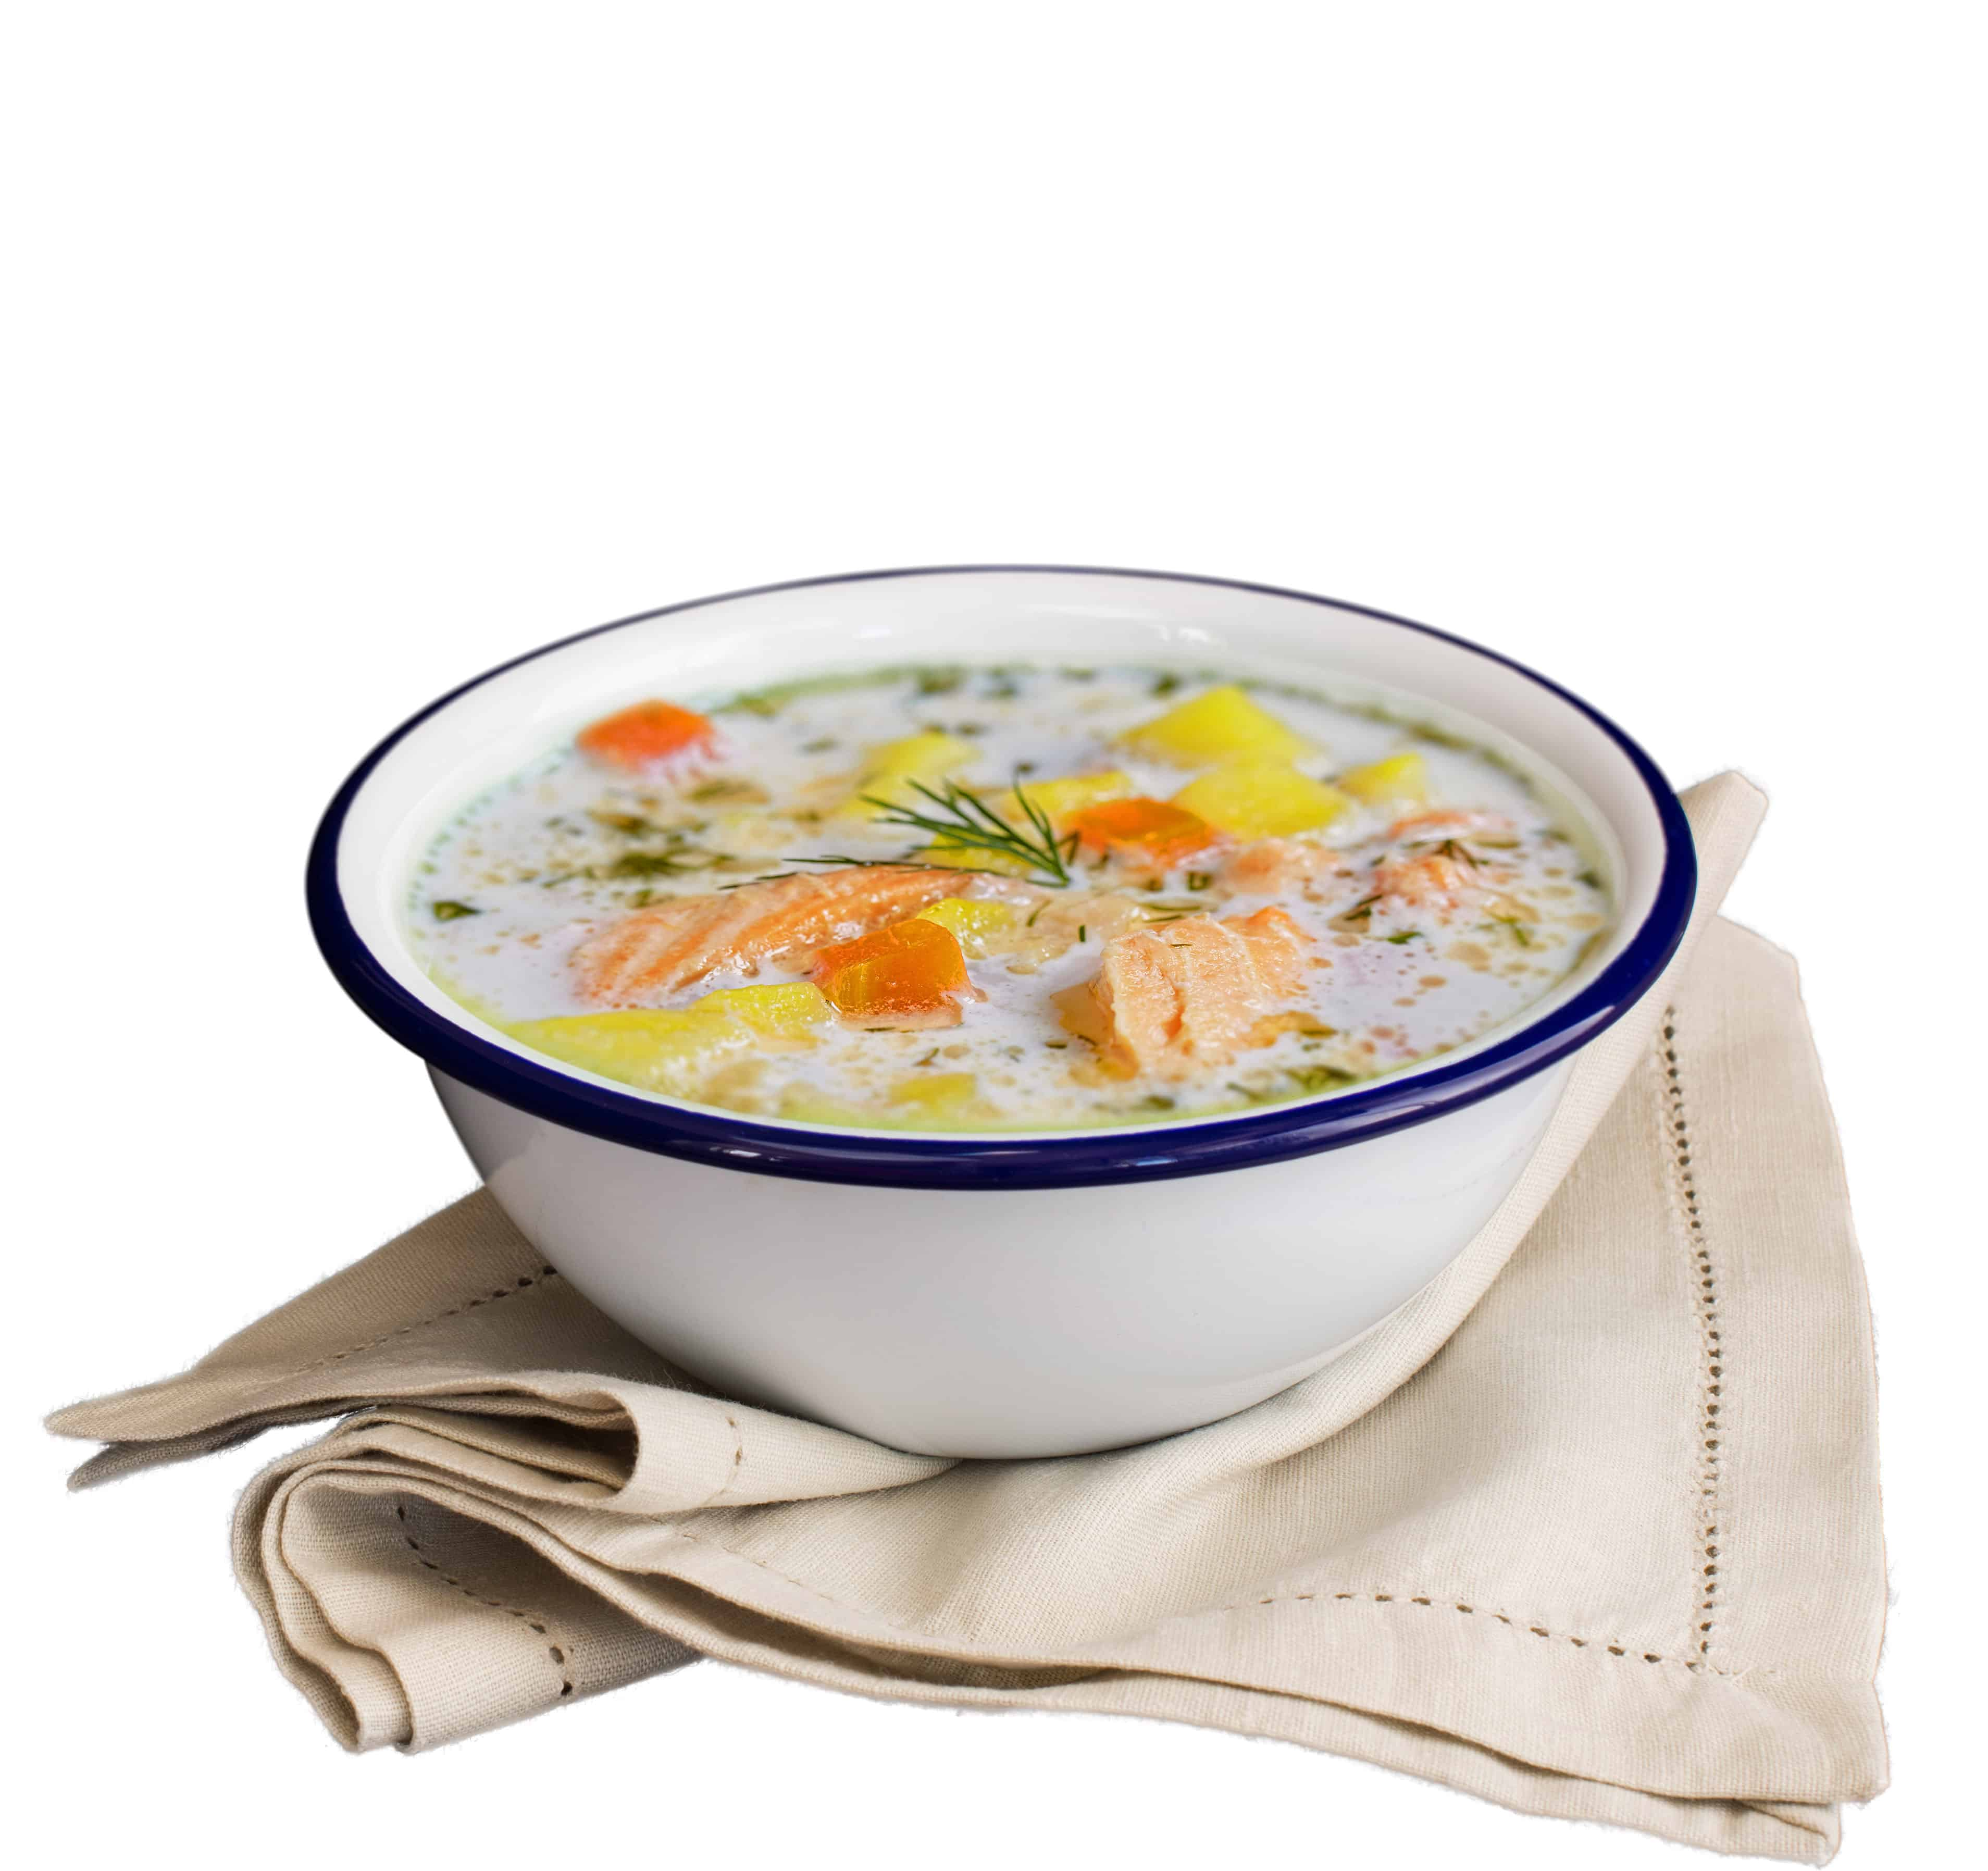 ОбедБуфет Зимнее пополнение в меню рестомаркета «ОбедБуфет» soup 1